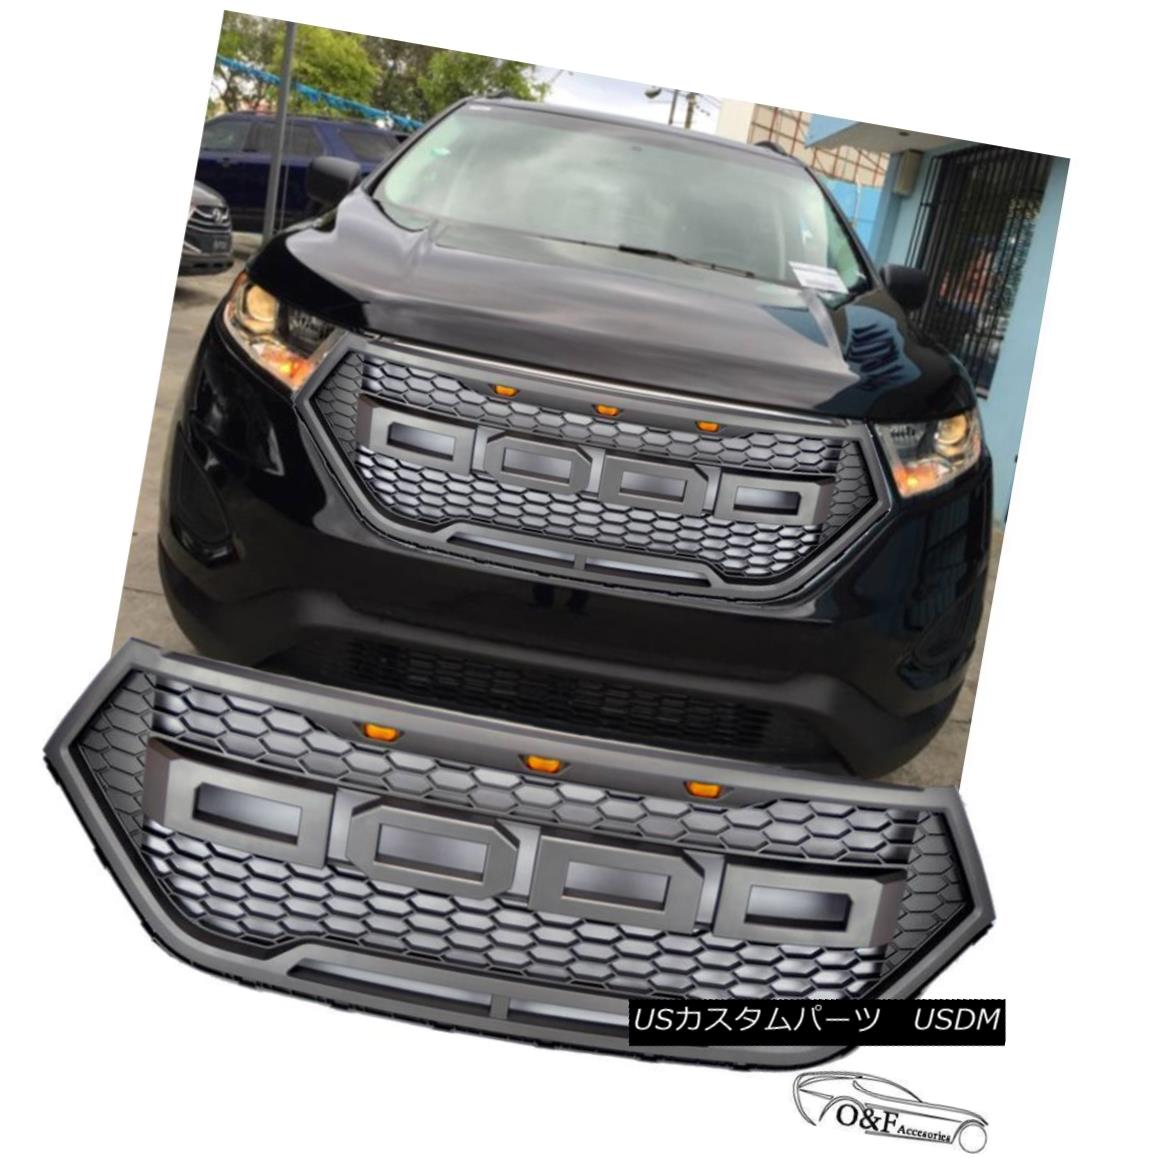 グリル 2016 2017 Ford Edge Raptor Front Grille Style Mesh Charcoal Gray Bumper Grill 2016 2017フォードエッジラプターフロントグリルスタイルメッシュチャコールグレーバンパーグリル